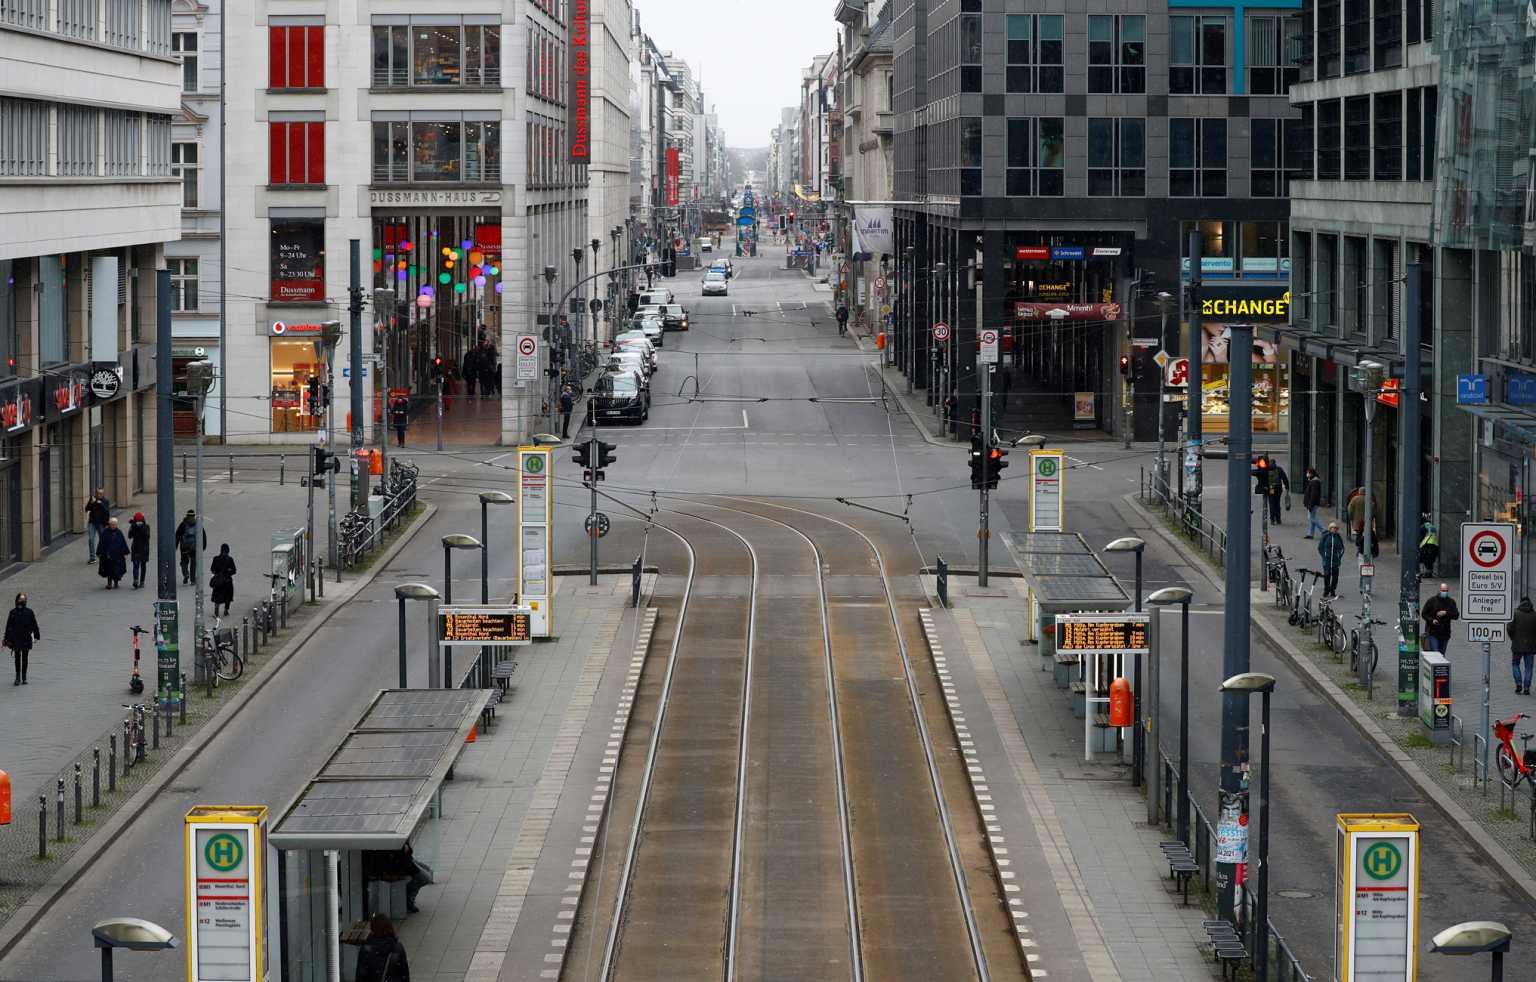 Γερμανία – κορονοϊός: Η πλειοψηφία των πολιτών θέλει χαλάρωση του lockdown